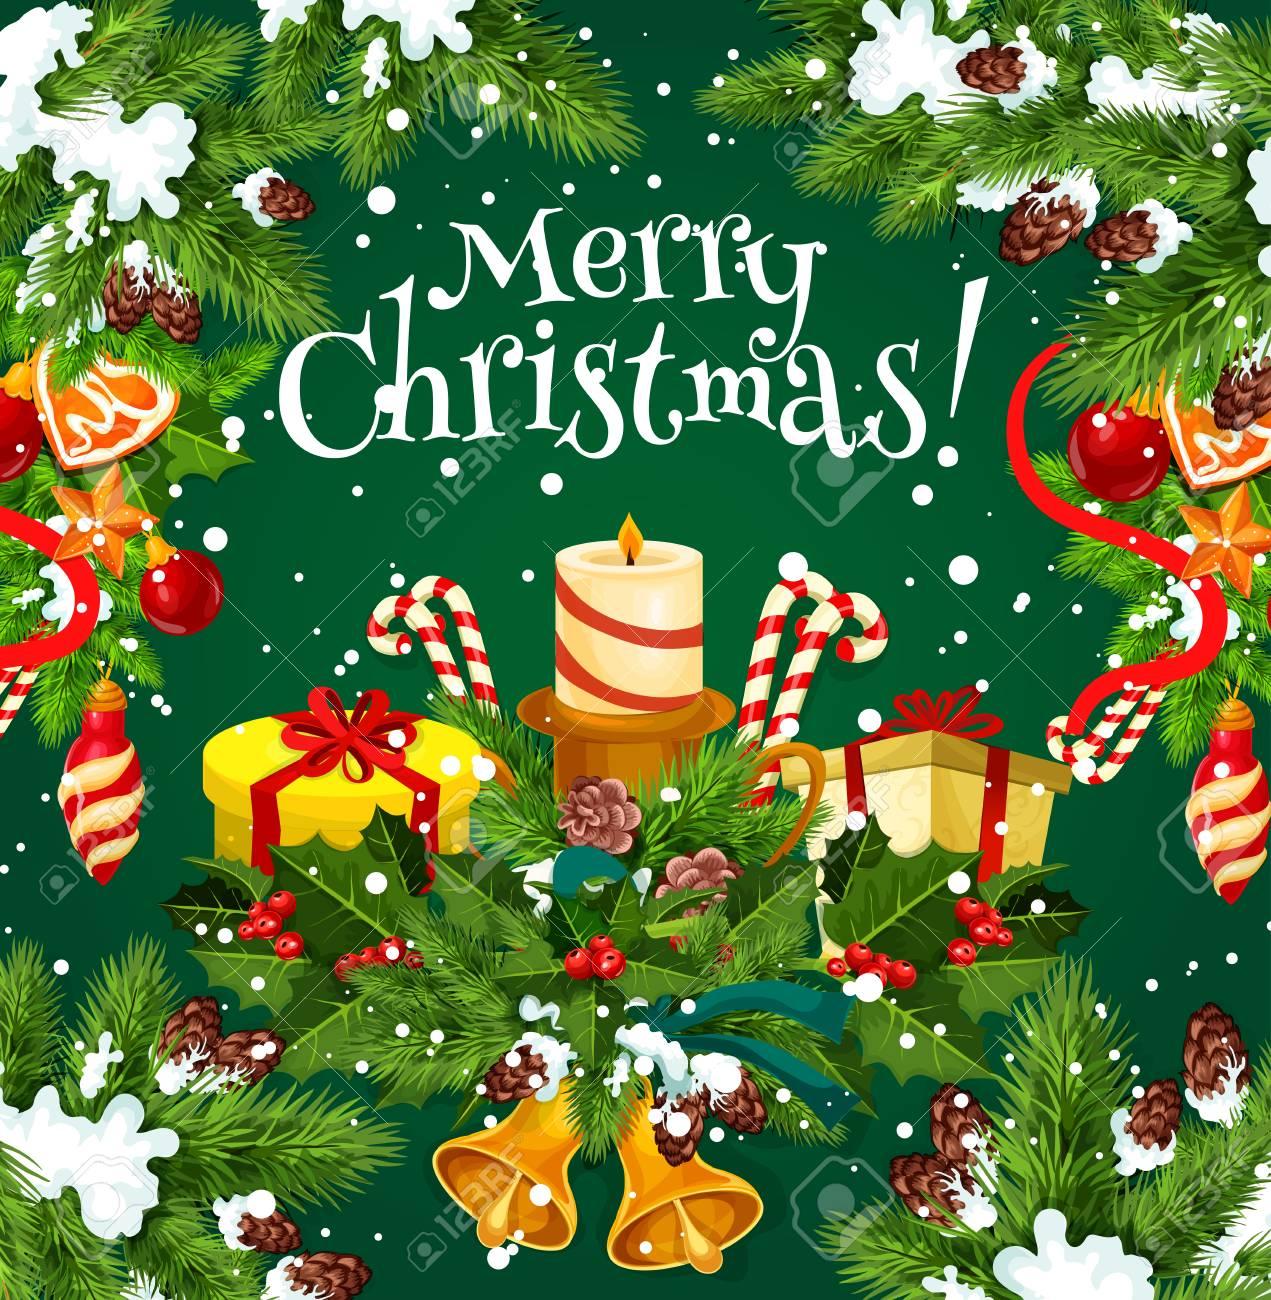 Wunsch- Und Grußkartendesign Der Frohen Weihnachten Für Glückliche ...